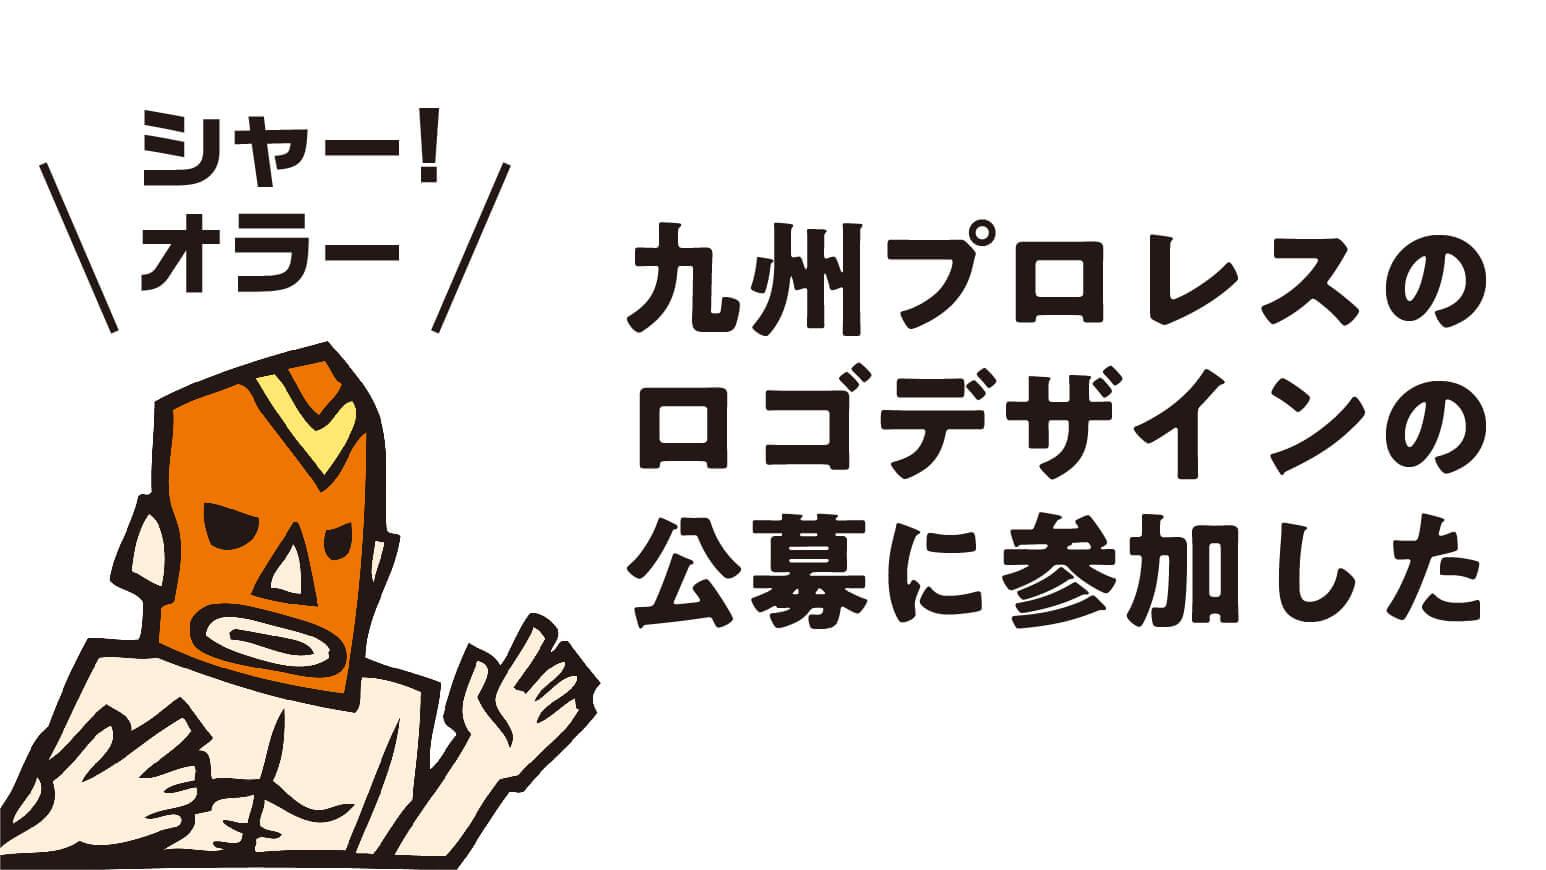 九州プロレスのロゴデザインの公募に参加しました